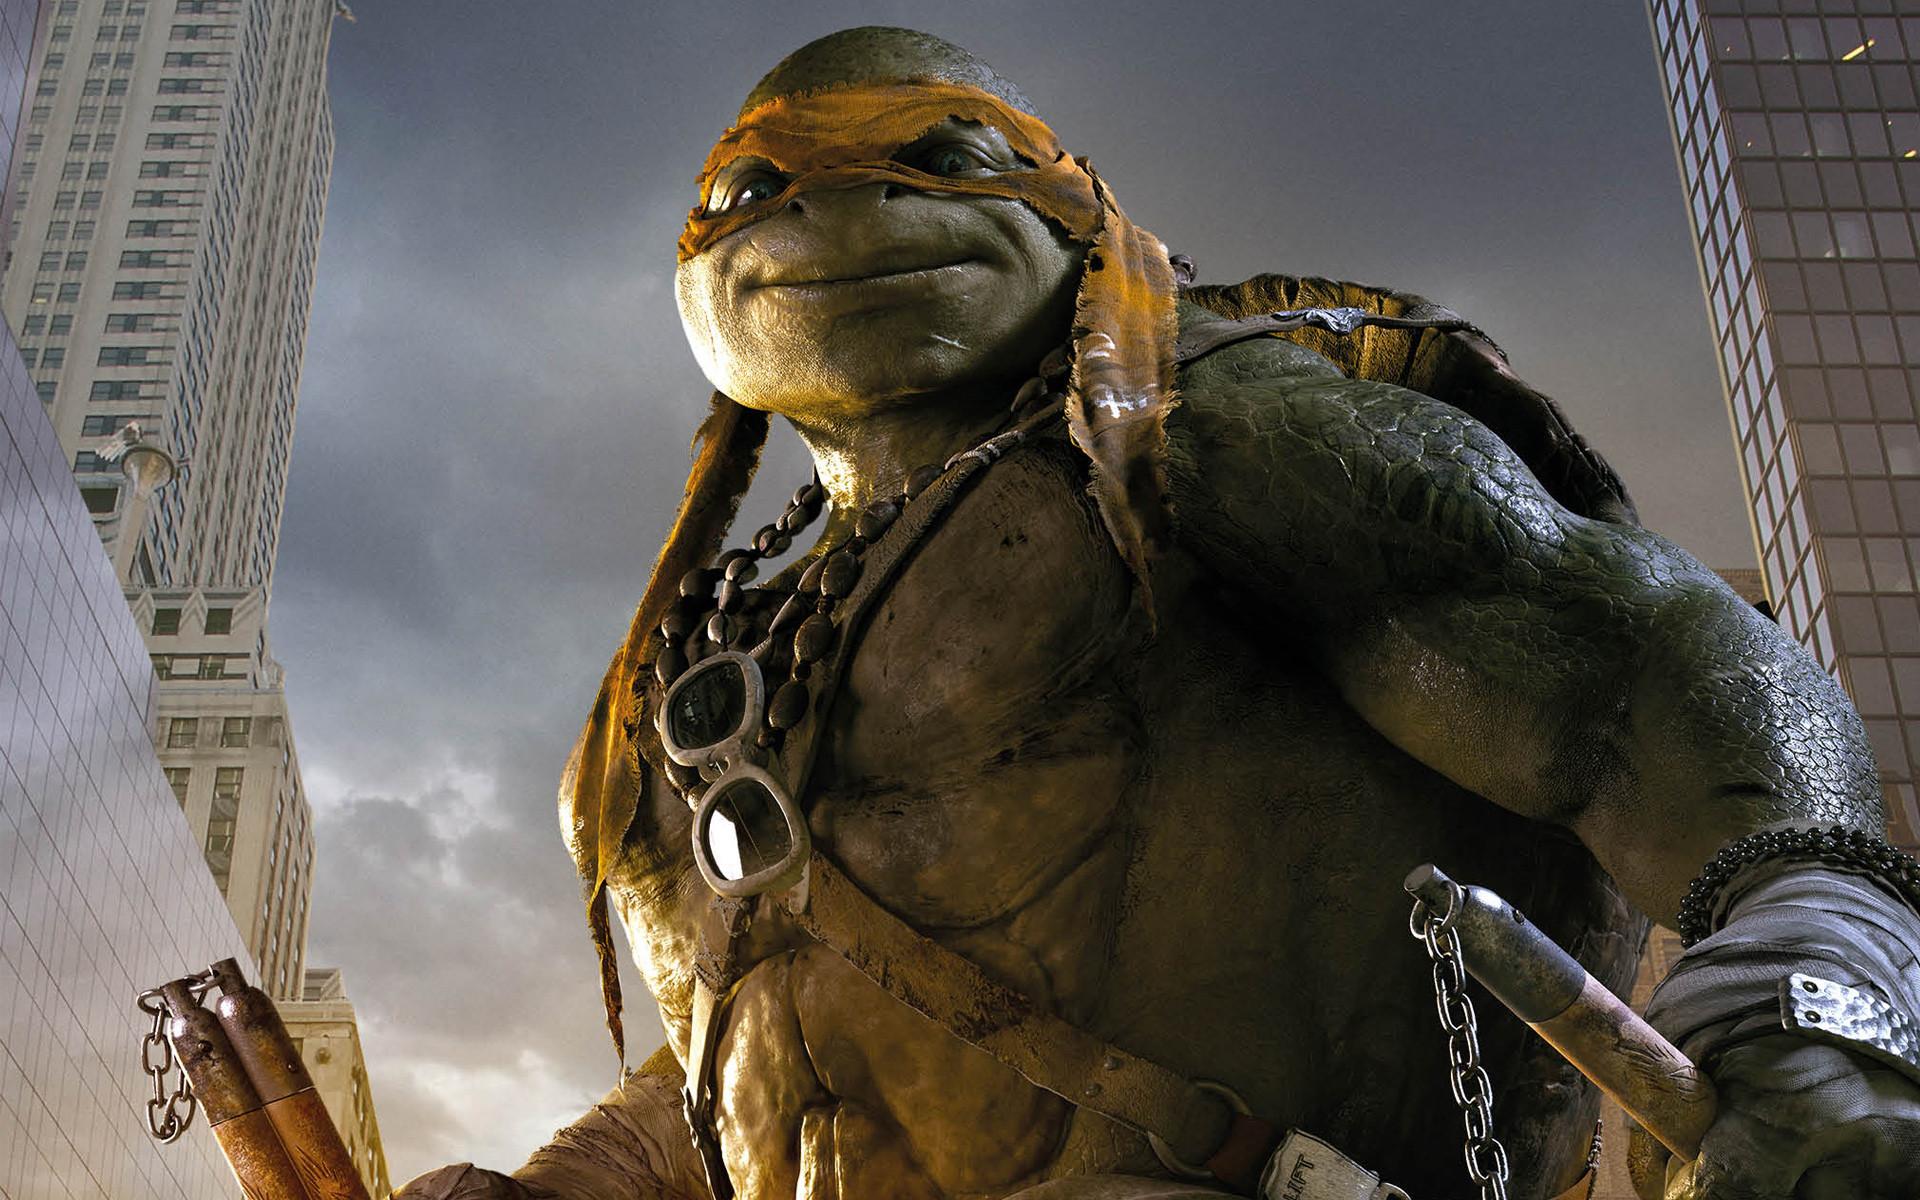 Res: 1920x1200, Mikey in Teenage Mutant Ninja Turtles